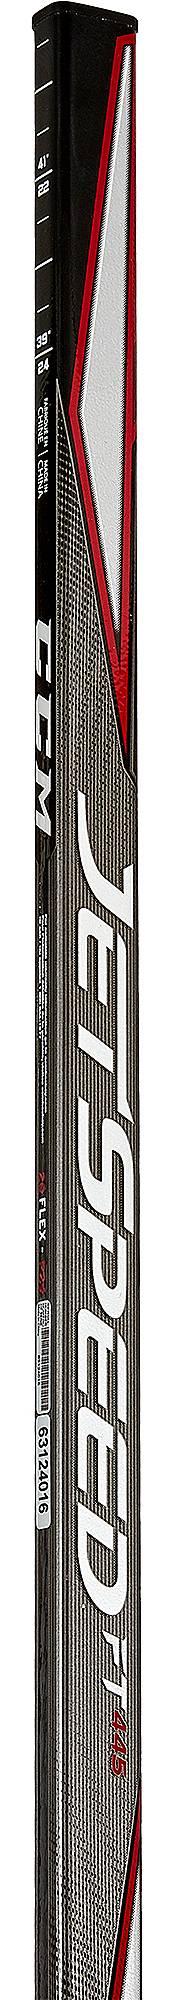 CCM Youth Jetspeed FT445 Ice Hockey Stick product image